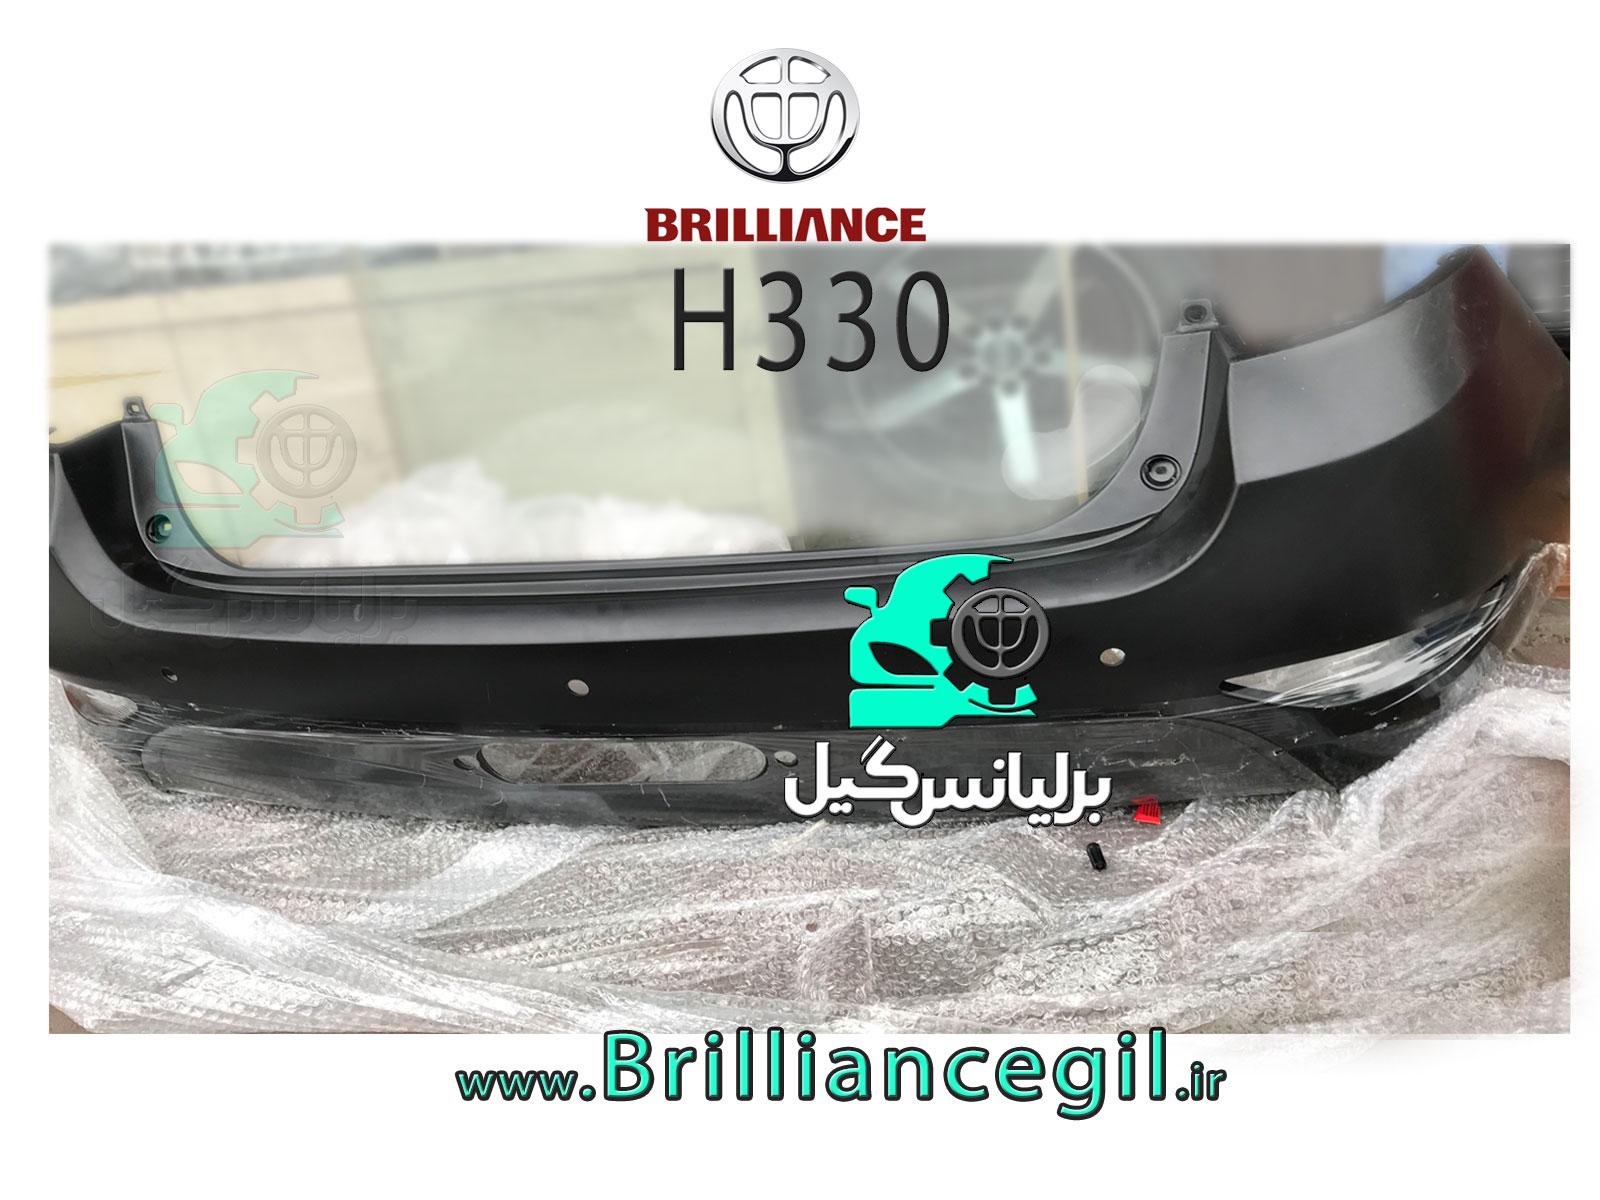 سپر عقب برلیانس H330